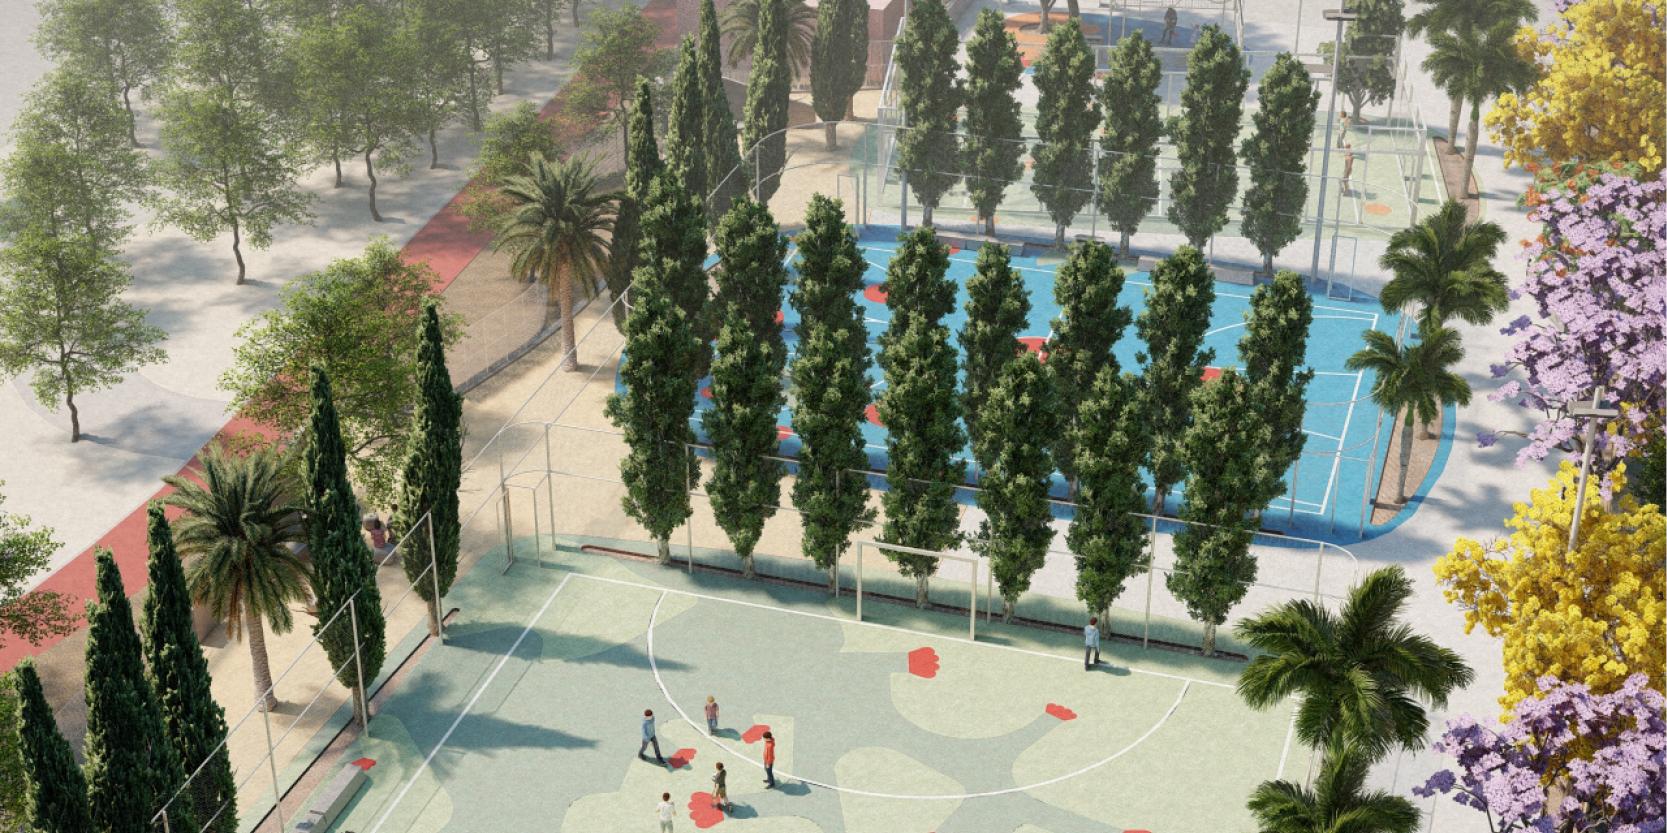 Recuperación y reforma integral de las pistas deportivas de Cruce de Arinaga en Argüimes, Las Palmas de Gran Canaria Hernan Lleida Bernardo Garcia2